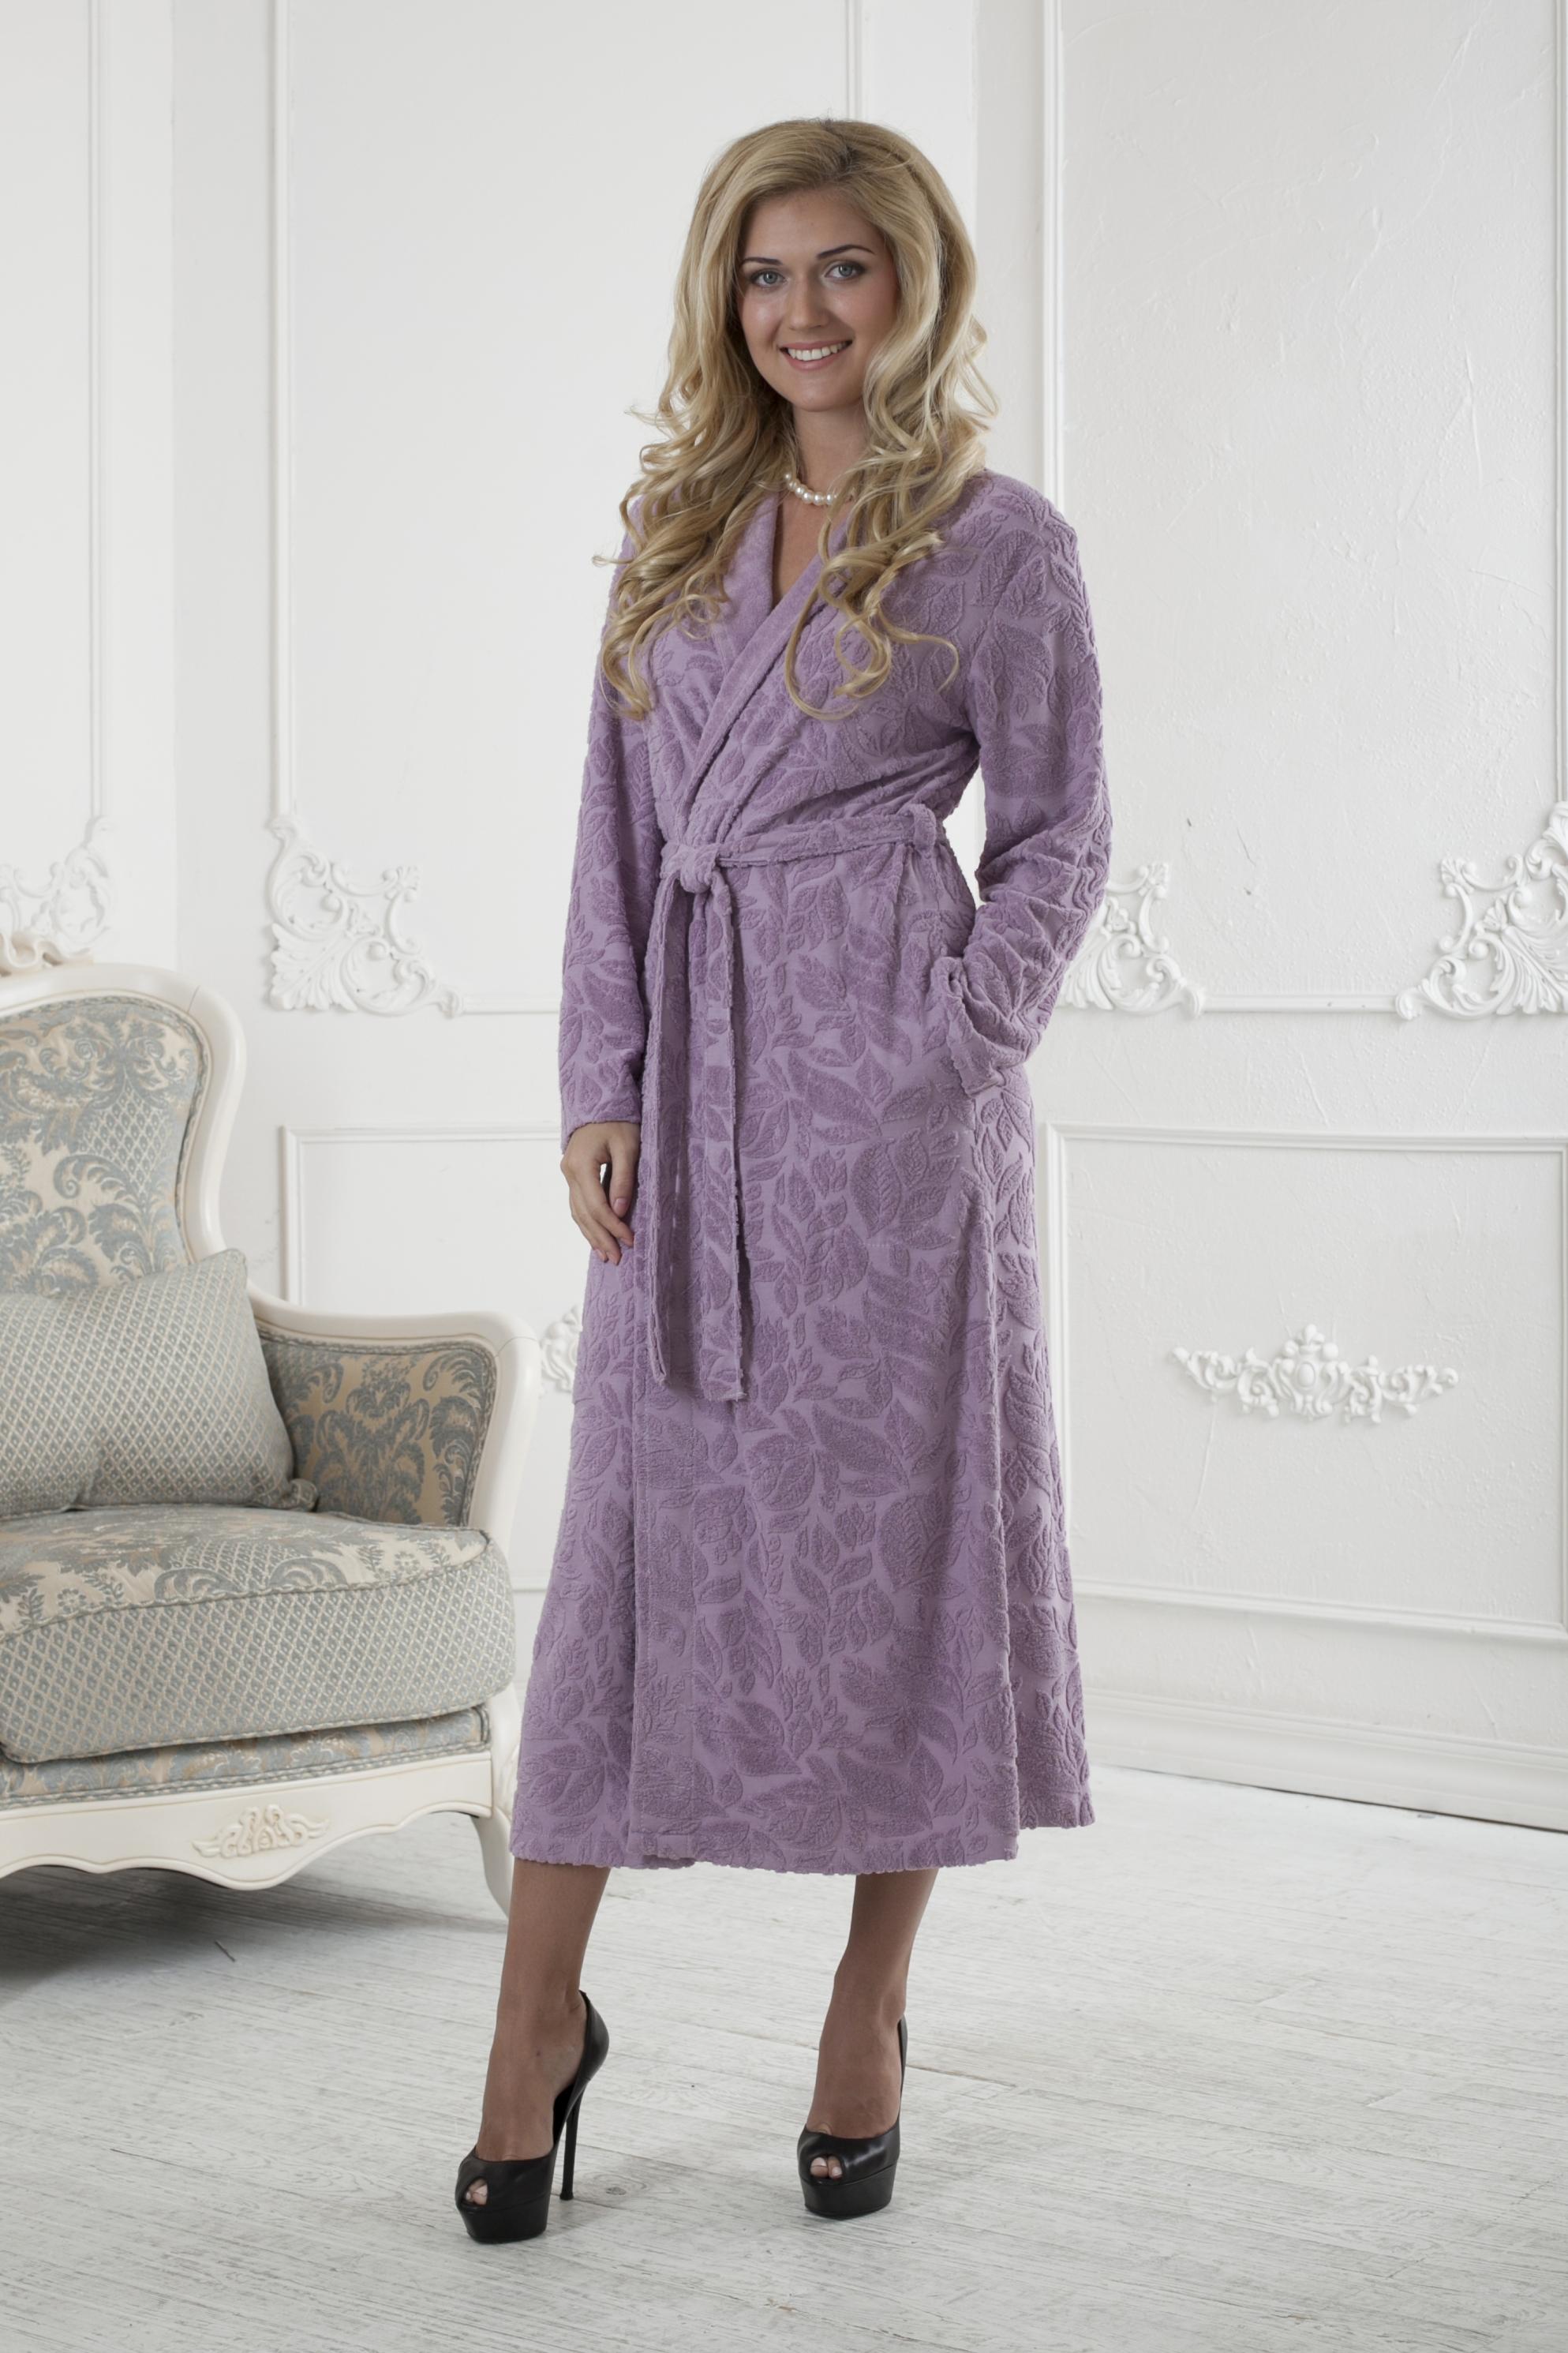 Халат женский Five Wien Home, цвет: розовый. 411. Размер S/M (44/46)411Очень мягкий и приятный женский халат из трикотажного бамбука. Очень элегантная и женственная модель. Объемная текстура по всему халату.